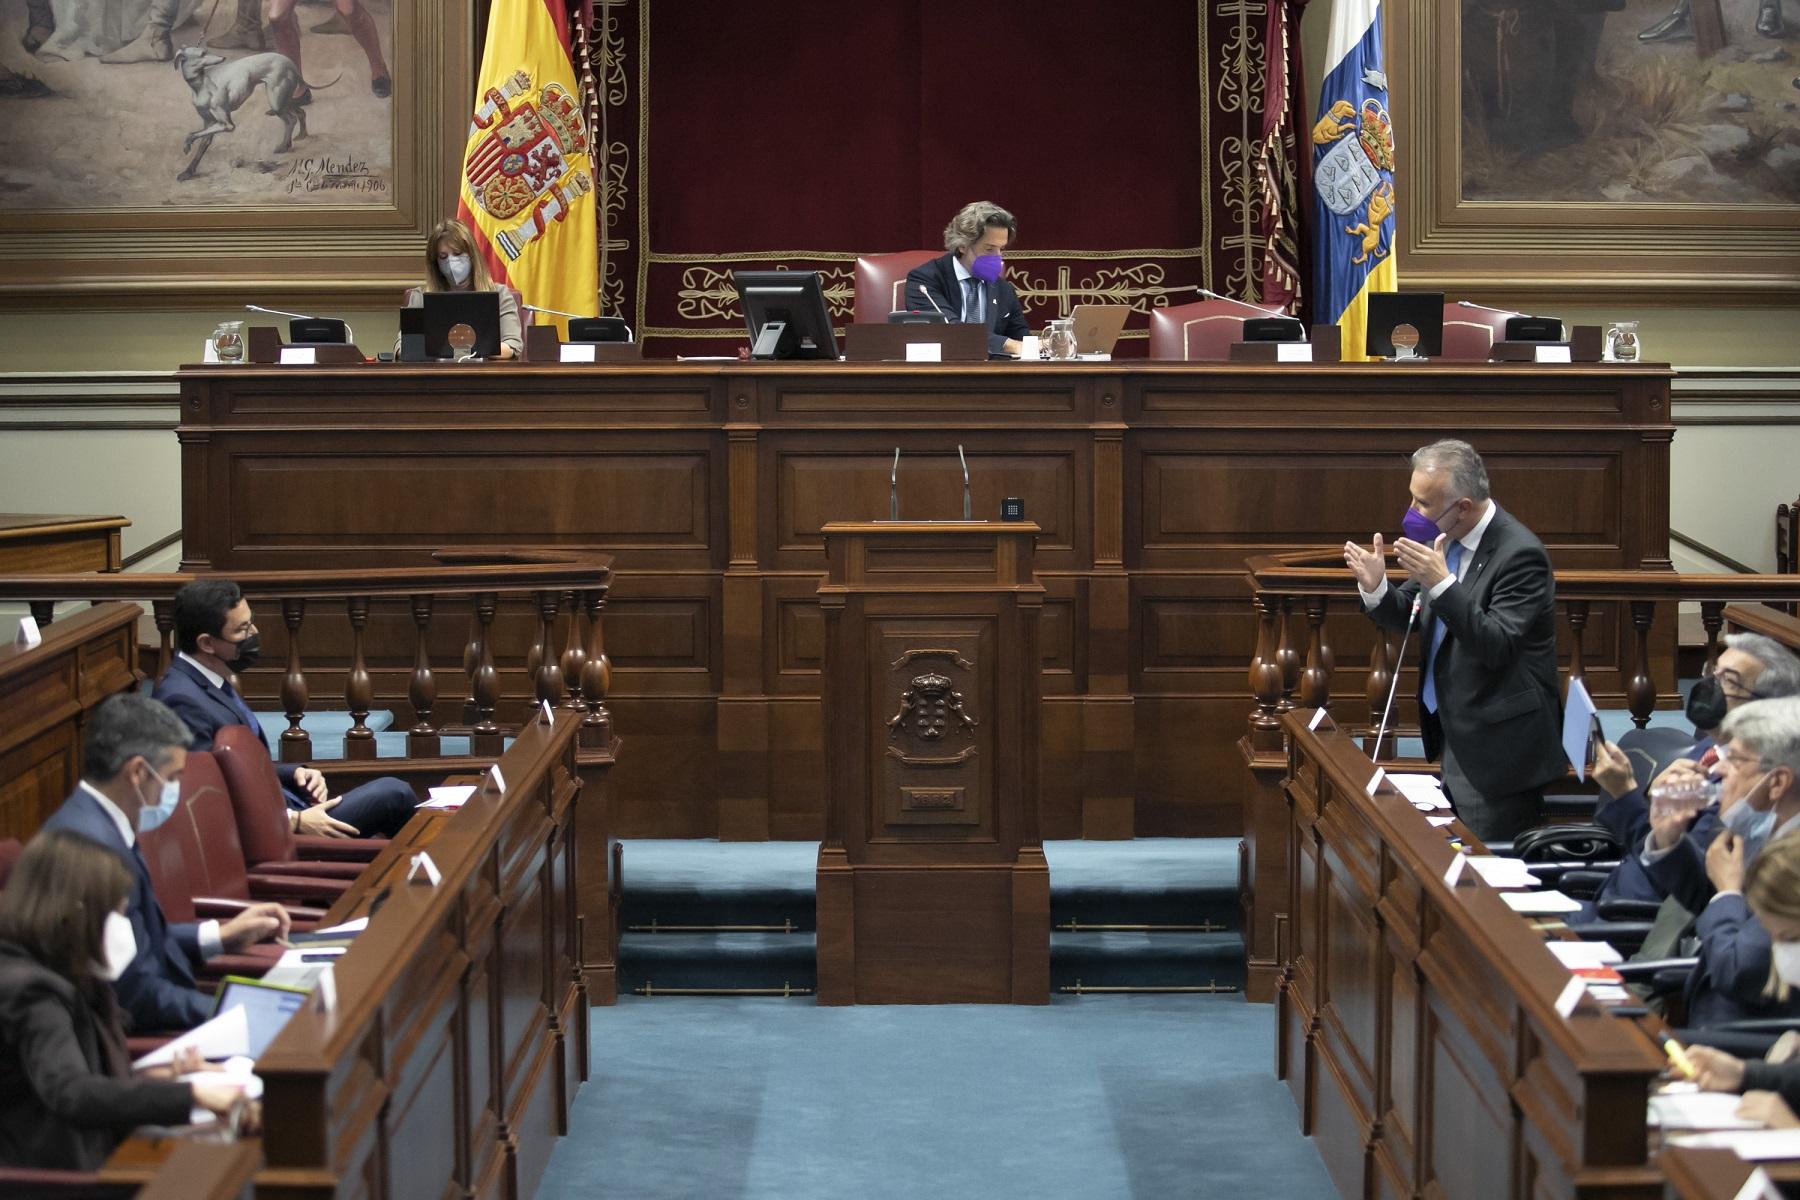 Intervención del presidente de Canarias en el Parlamento